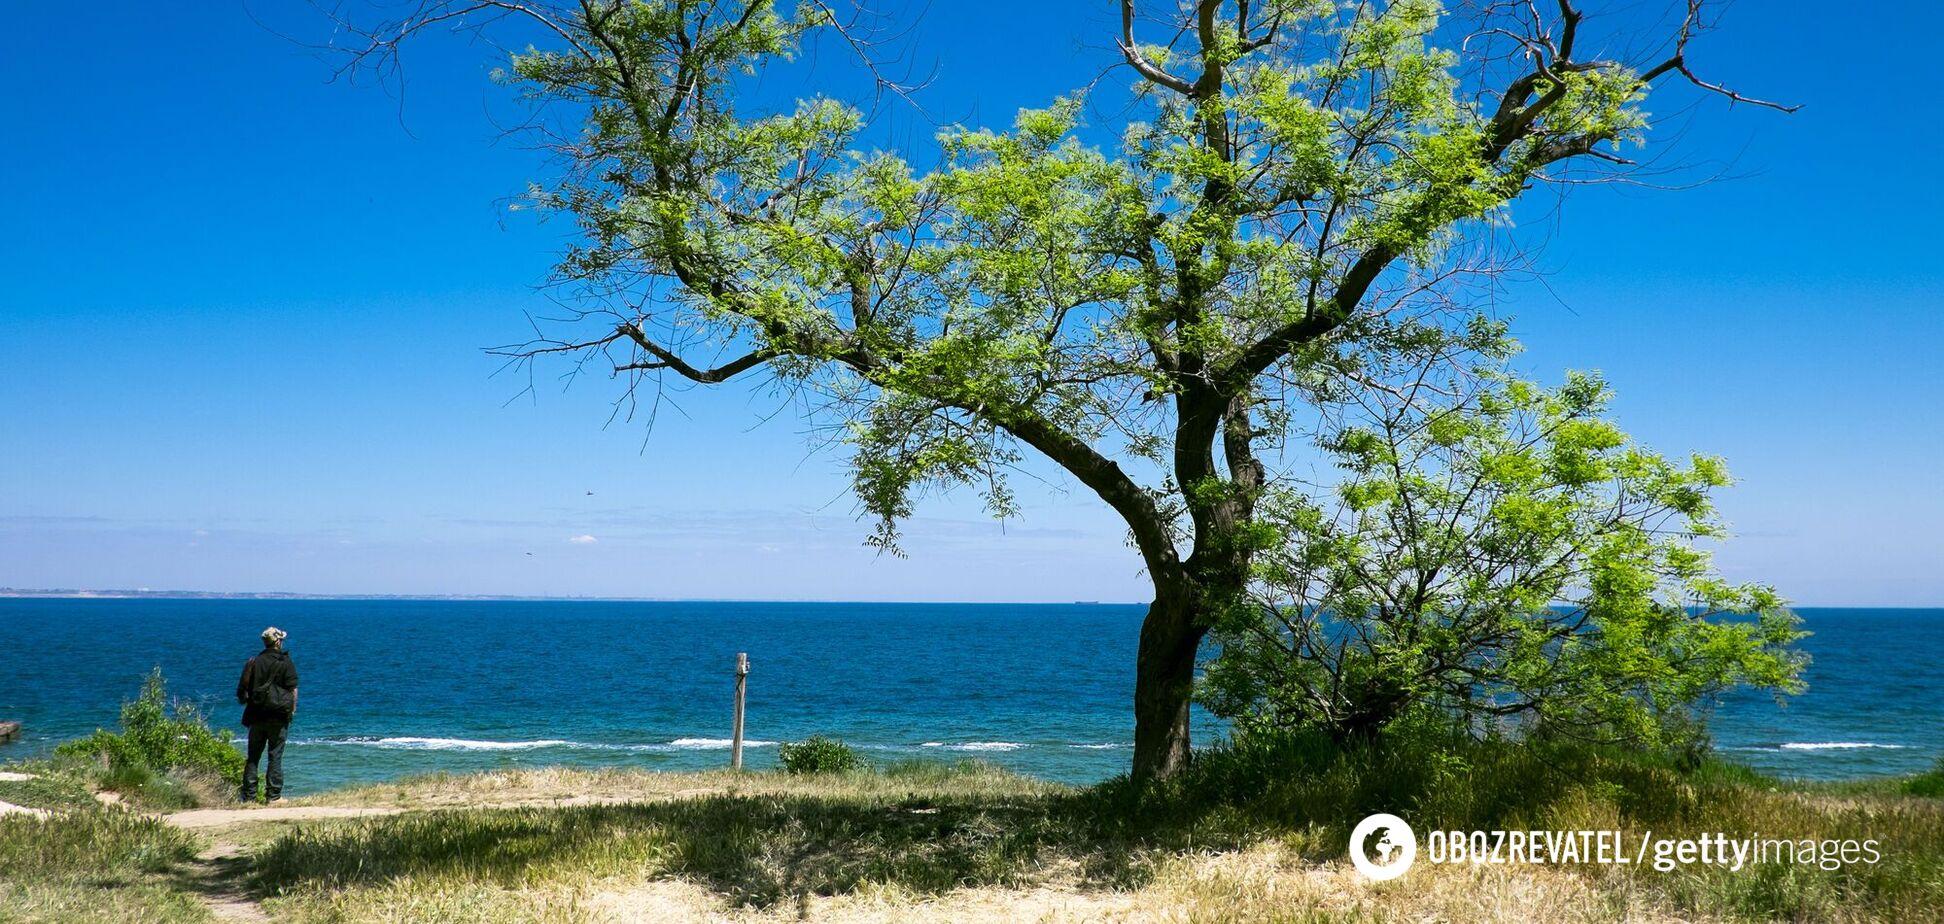 Очевидці розповіли про 'згубне місце' на пляжі під Одесою, де потонуло подружжя